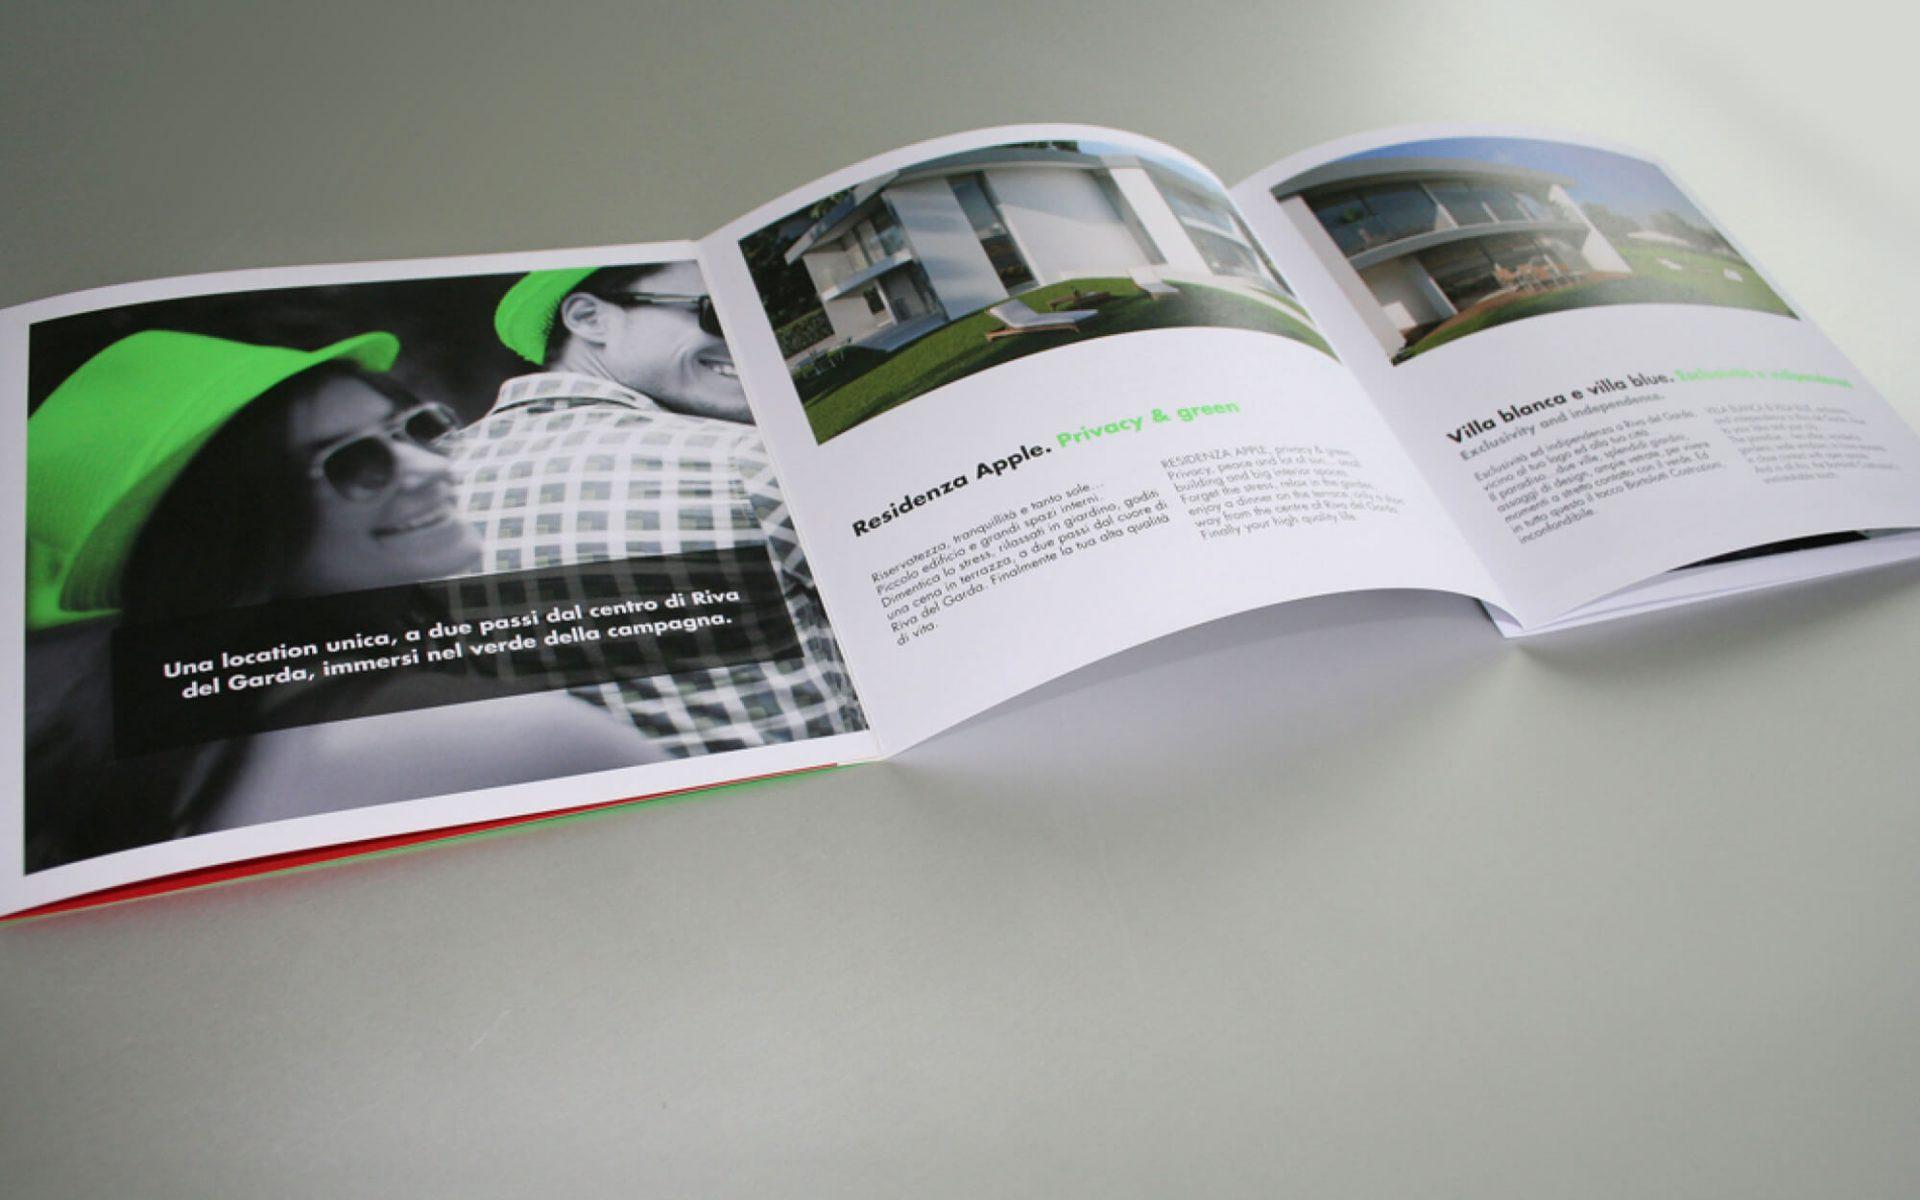 dettaglio pagine interne depliant vendite immobiliari, progetto elegante e grafica in bianconero, design dello studio di comunicazione Diade studio Arco di Trento